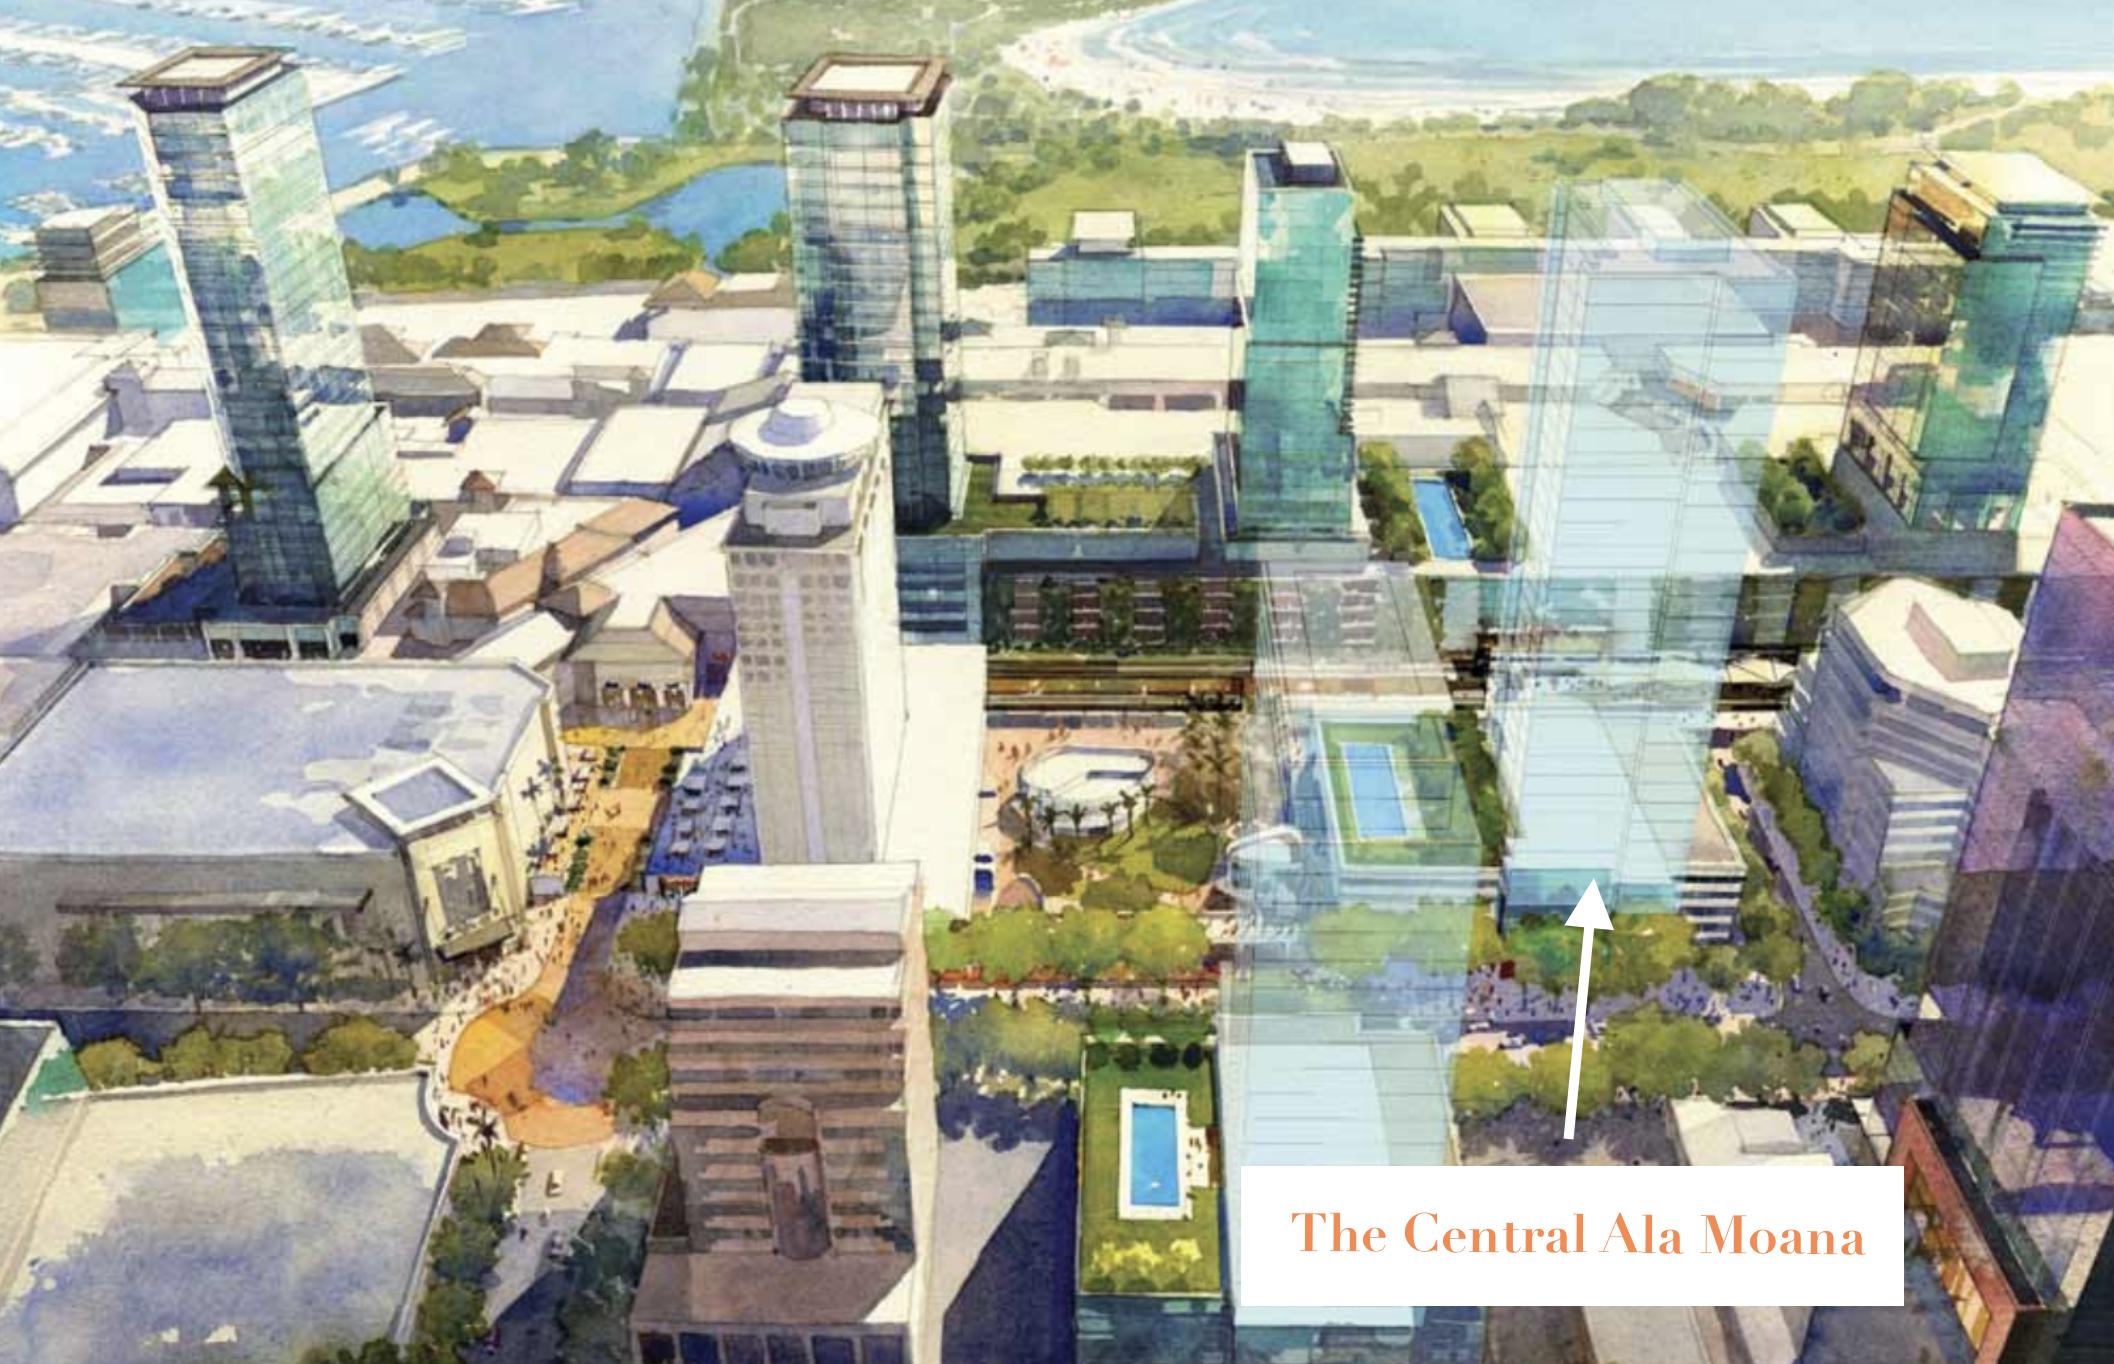 The Central Ala Moana